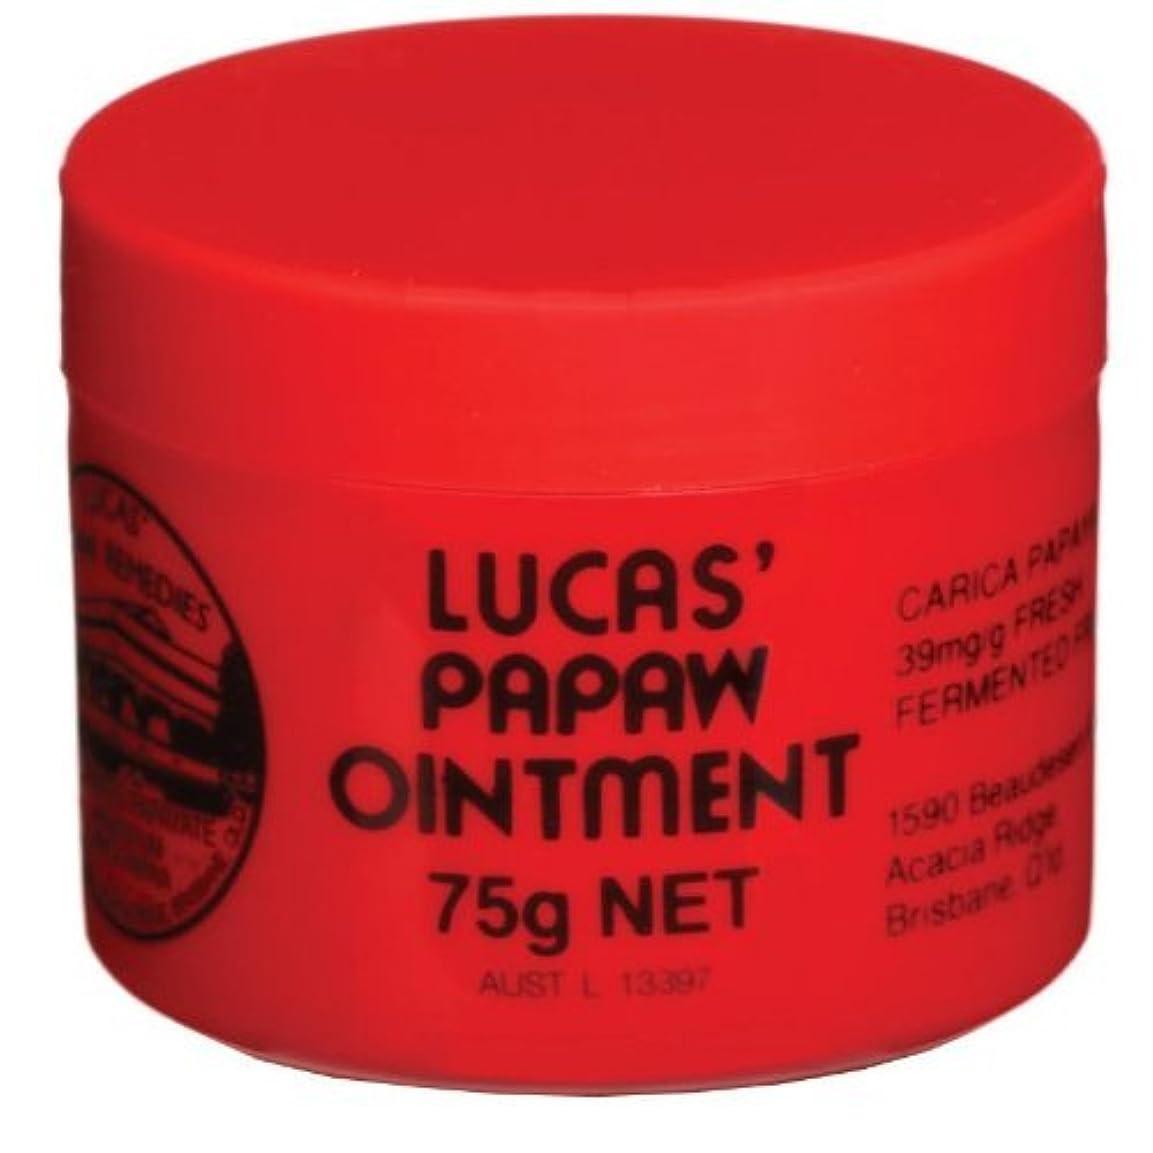 剪断フィクション圧倒的[Lucas' Papaw Ointment] ルーカスポーポークリーム 75g